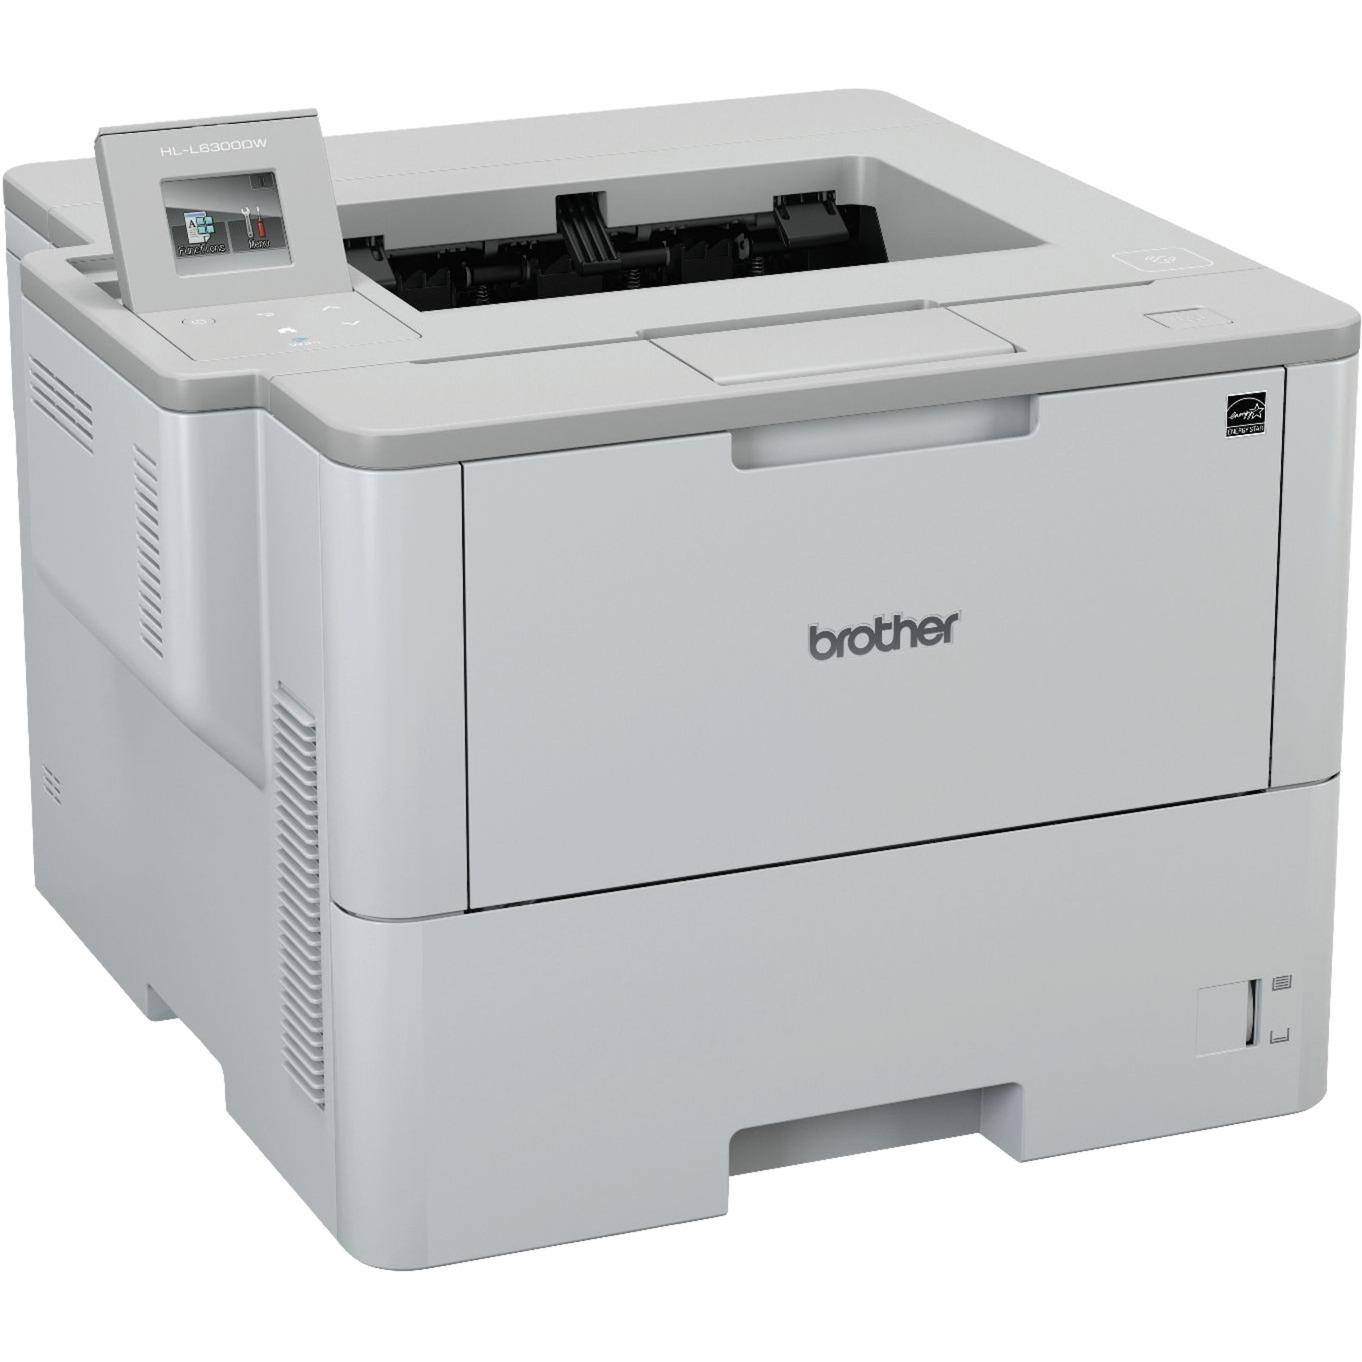 HL-L6300DW, Impresora láser